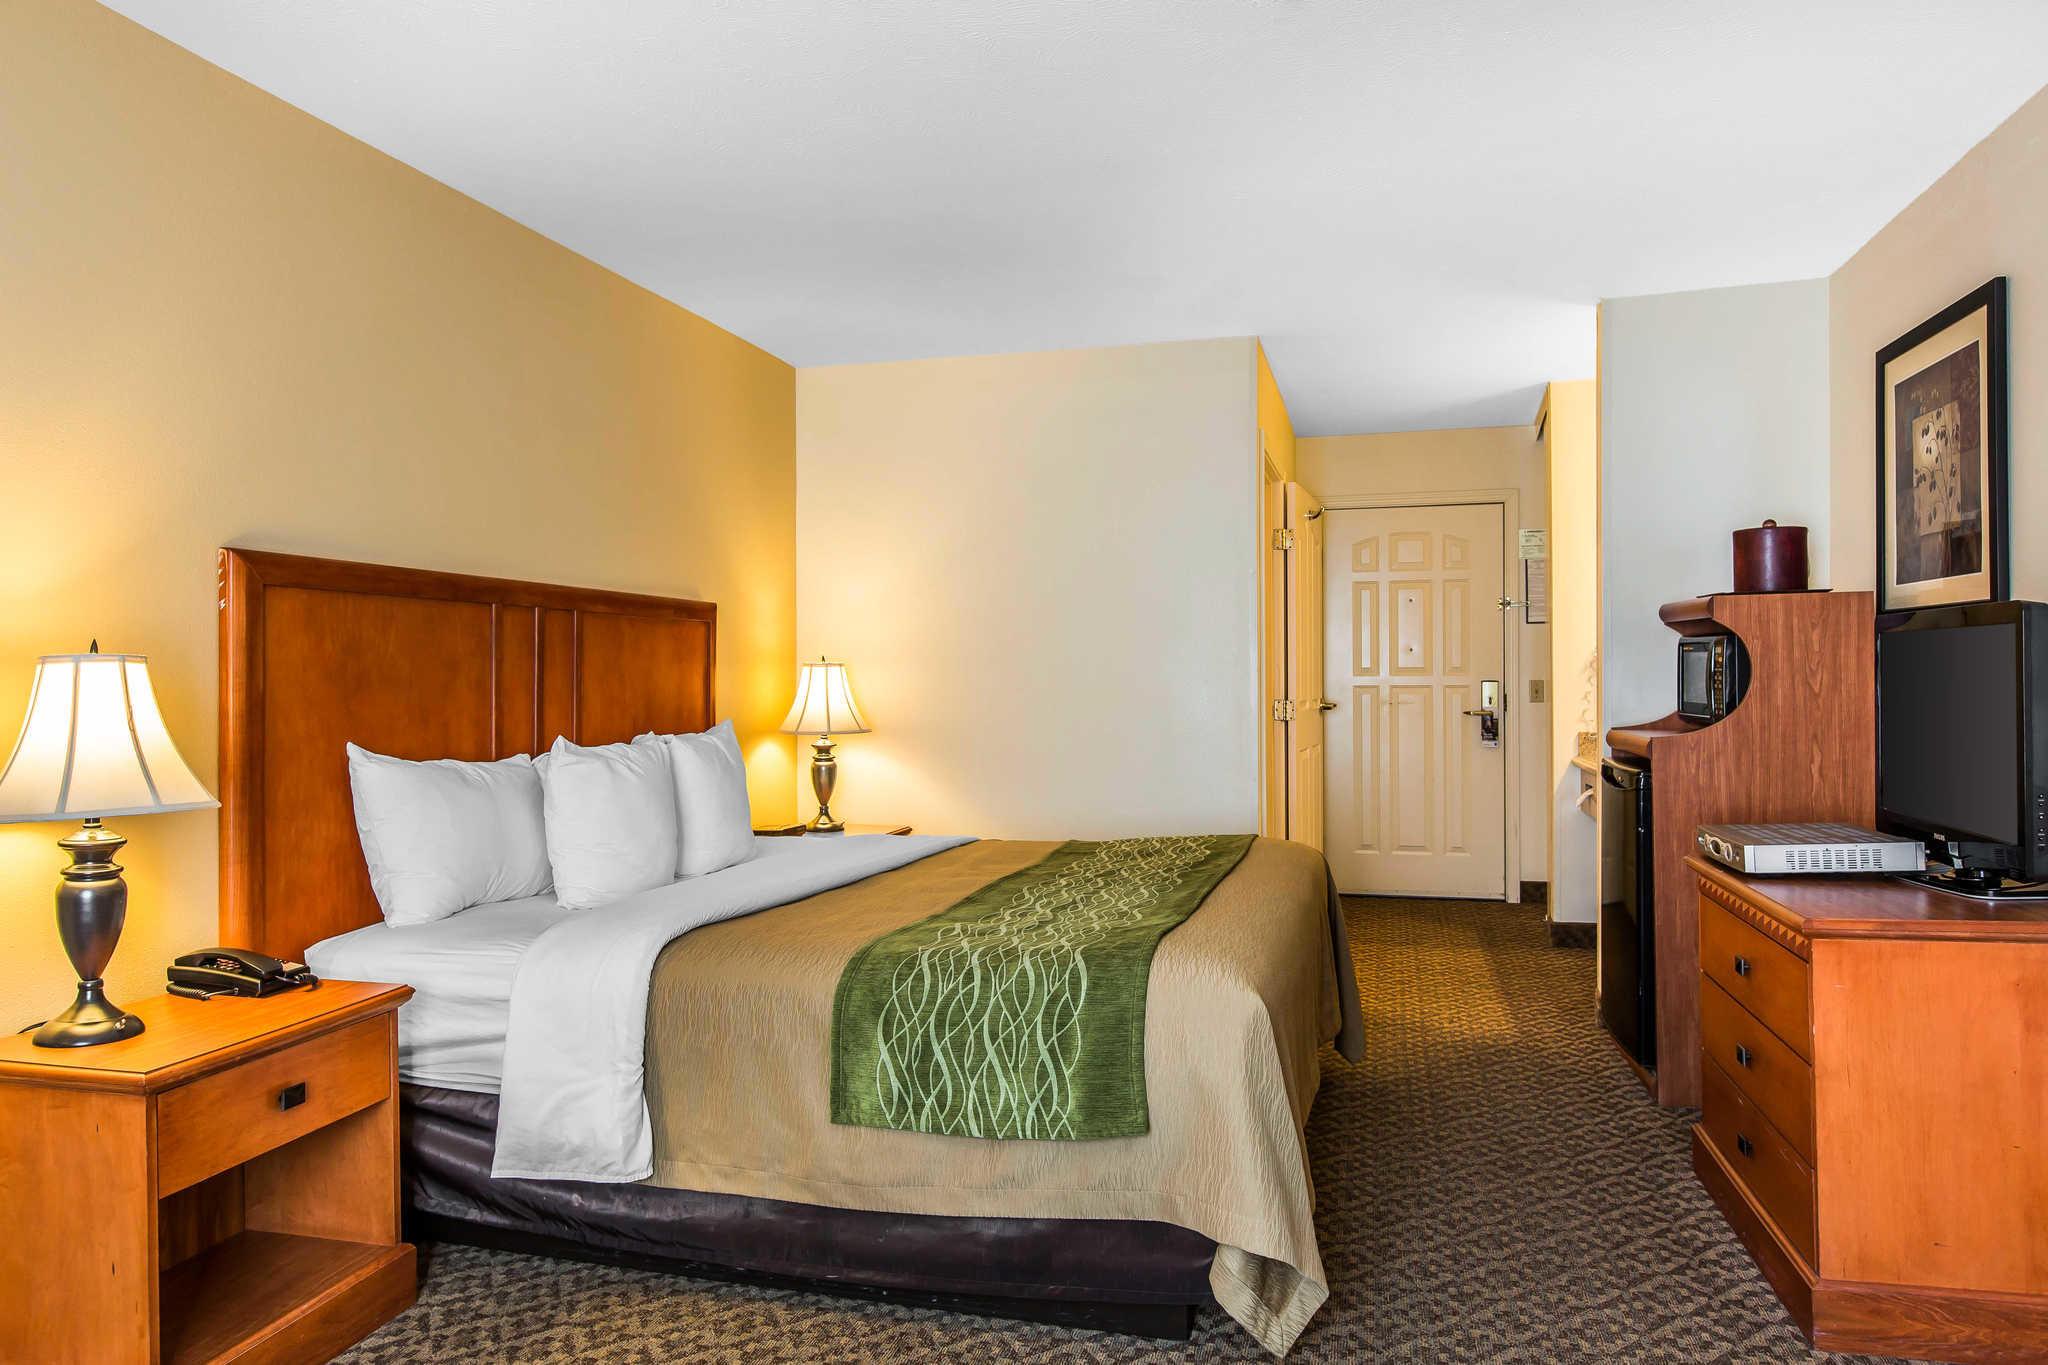 Comfort Inn & Suites El Centro I-8 image 6